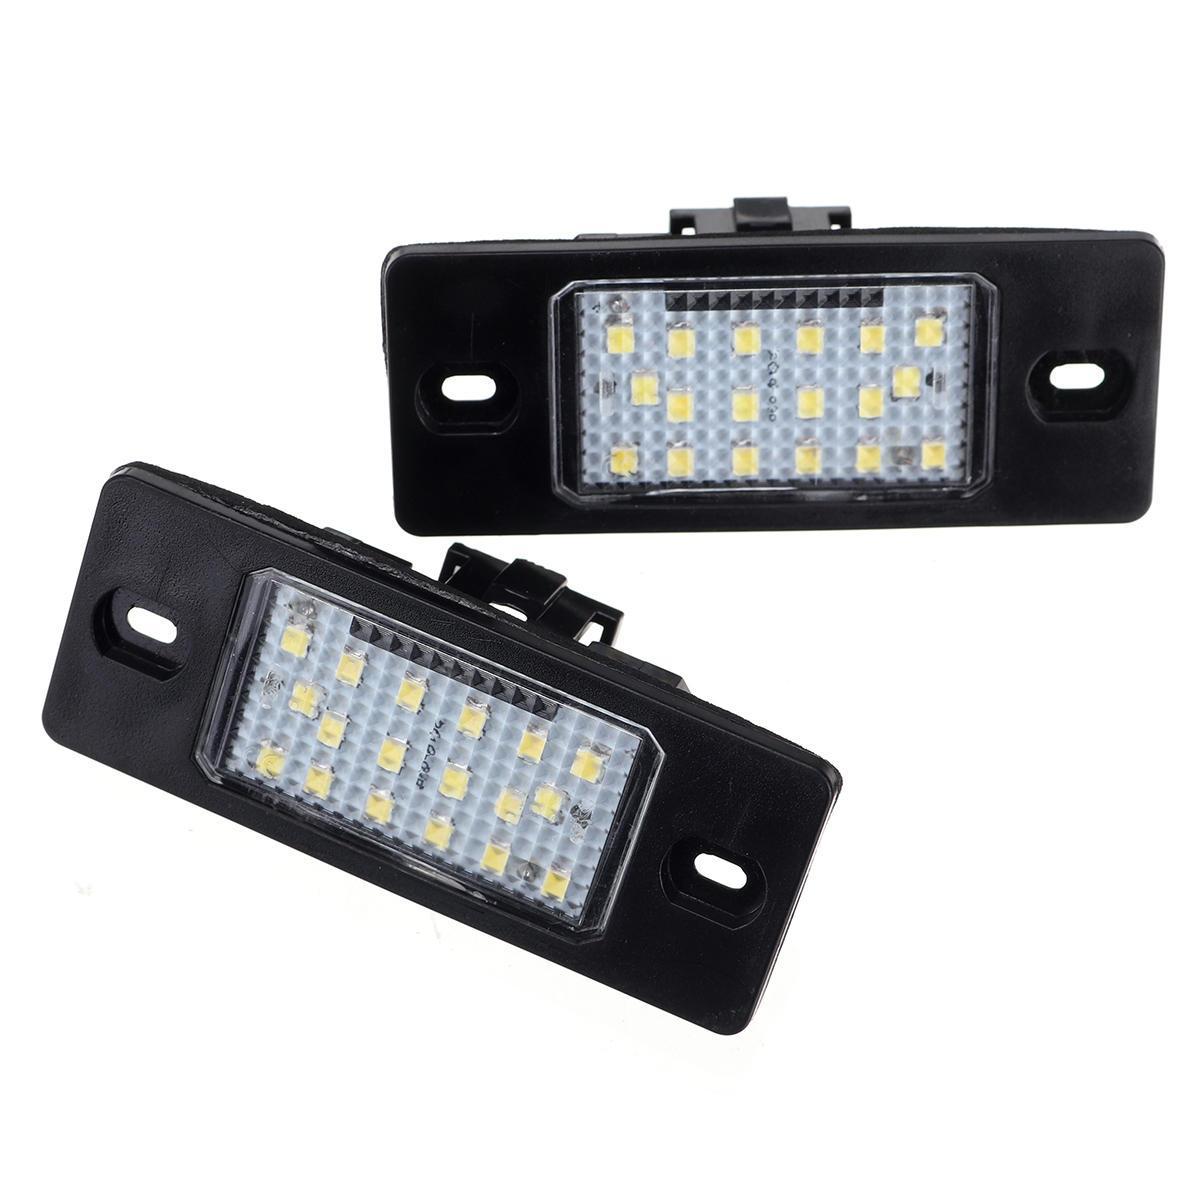 2 piezas Coche LED Número de licencia Placa Luces luces traseras 12V para Porsche Cayenne VW Touareg